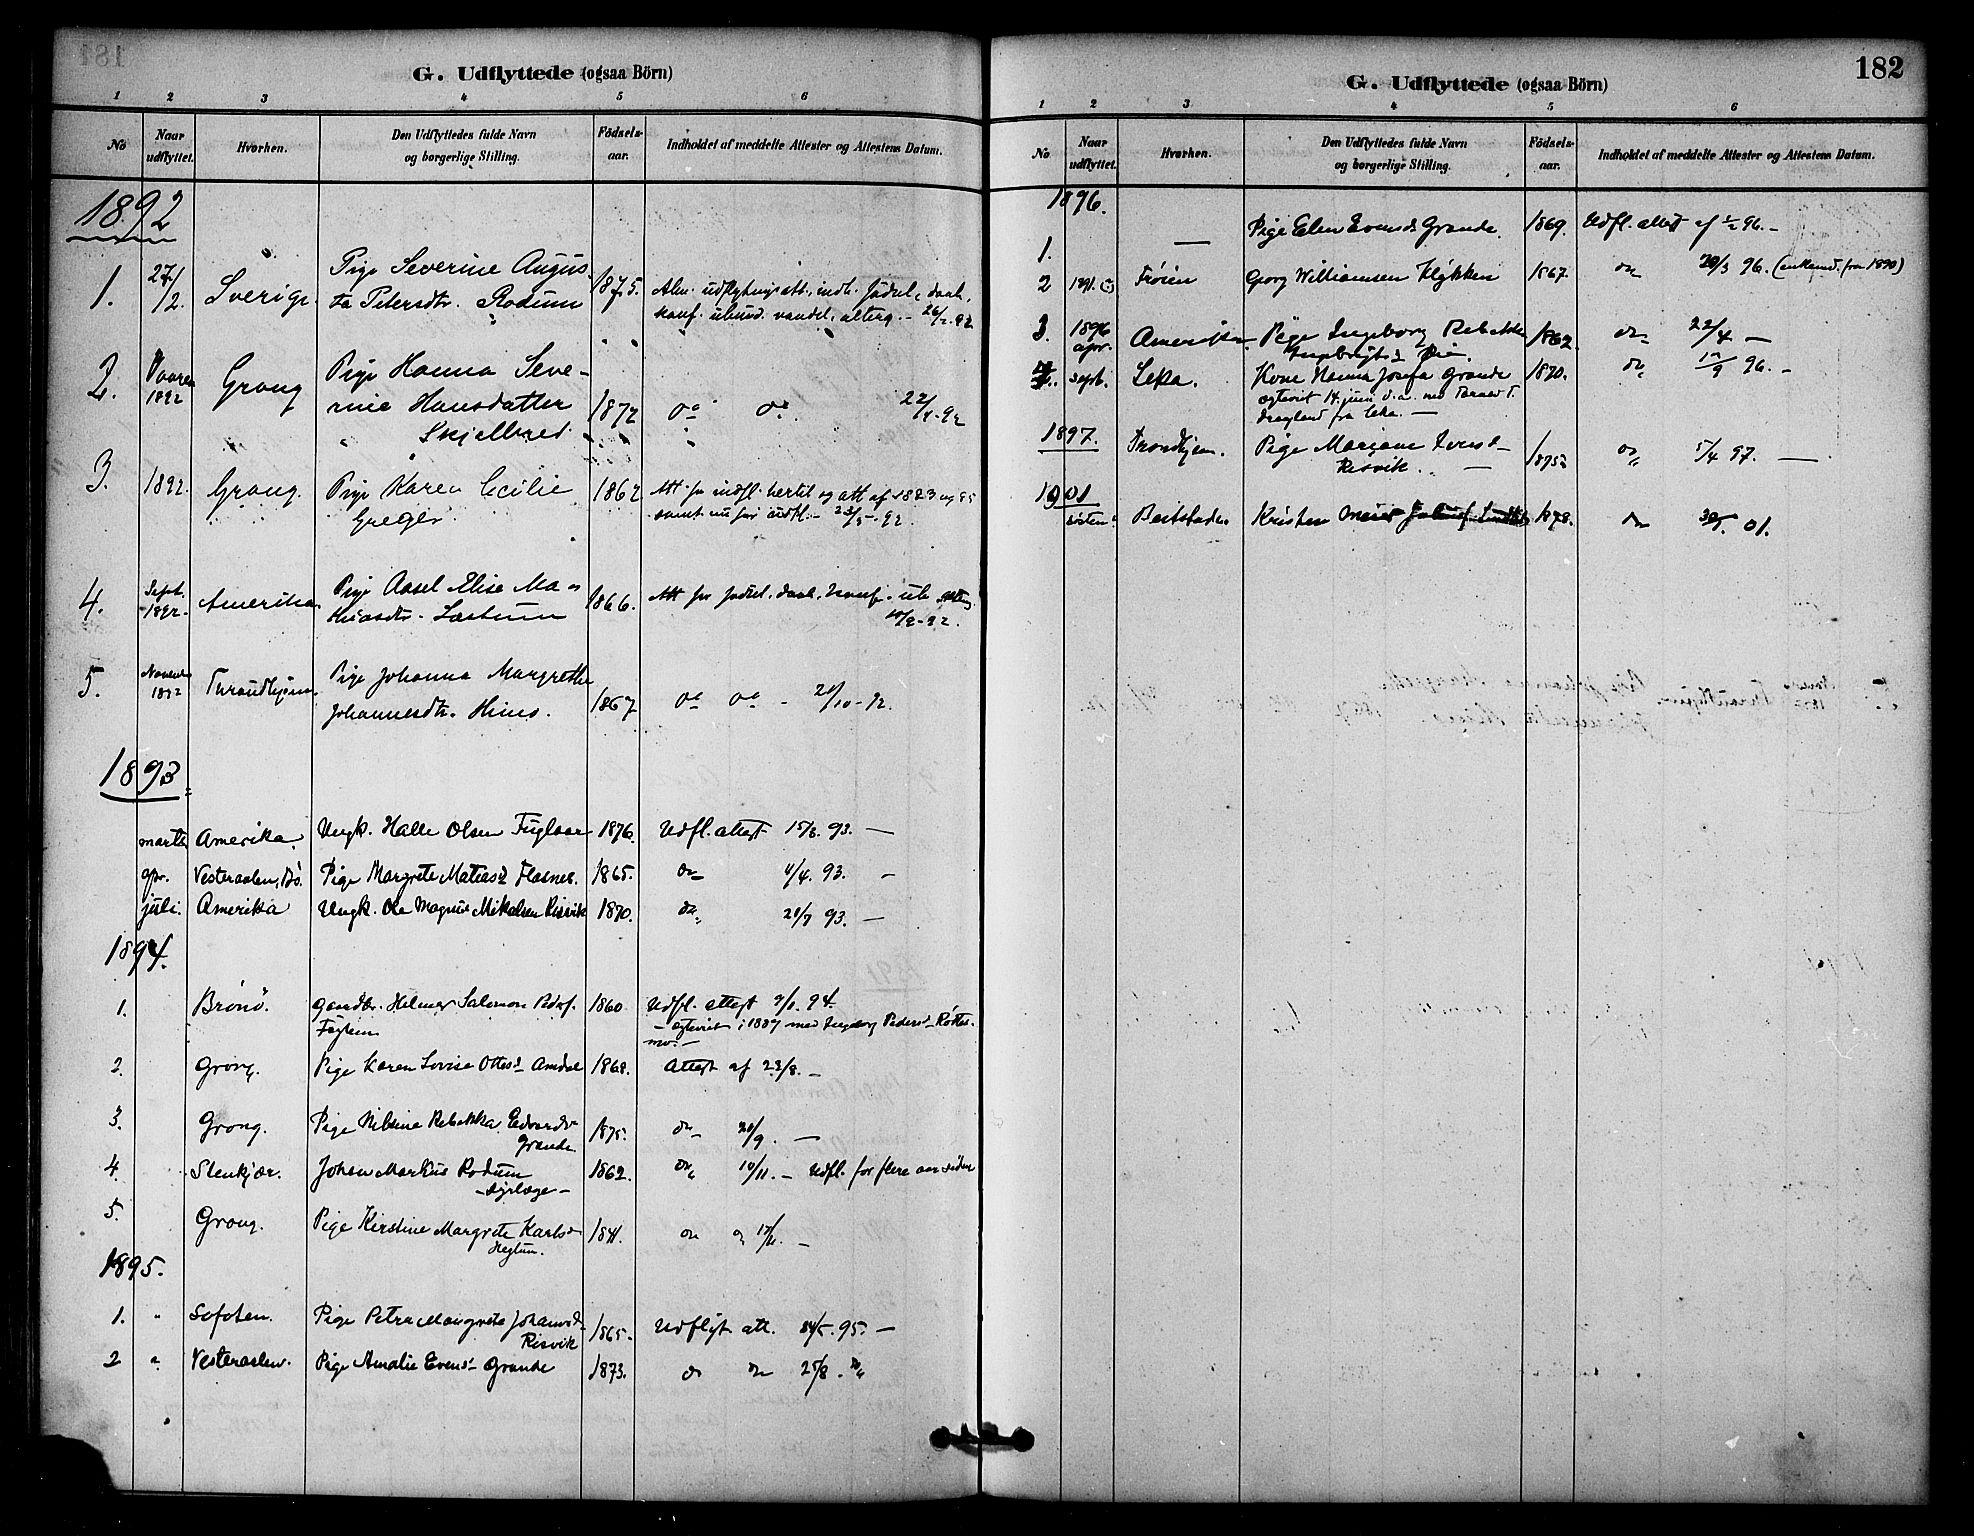 SAT, Ministerialprotokoller, klokkerbøker og fødselsregistre - Nord-Trøndelag, 764/L0555: Ministerialbok nr. 764A10, 1881-1896, s. 182